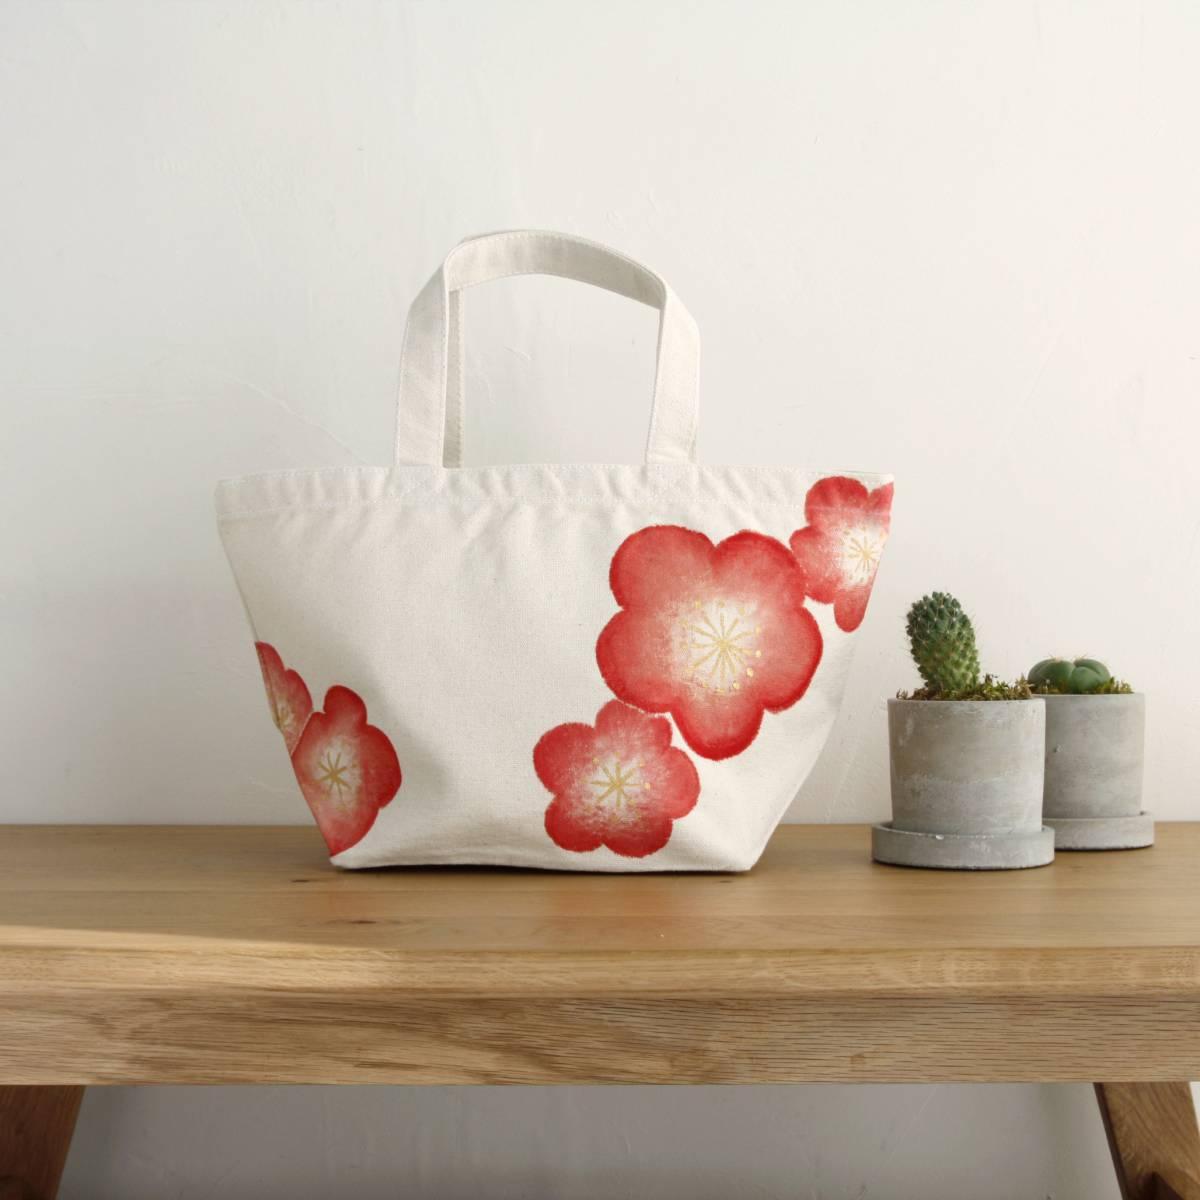 手描き梅の花柄トートバッグ ランチバッグ ミニトート マザーズバッグ キャンバスバッグ 帆布 和柄 モダン プレゼント